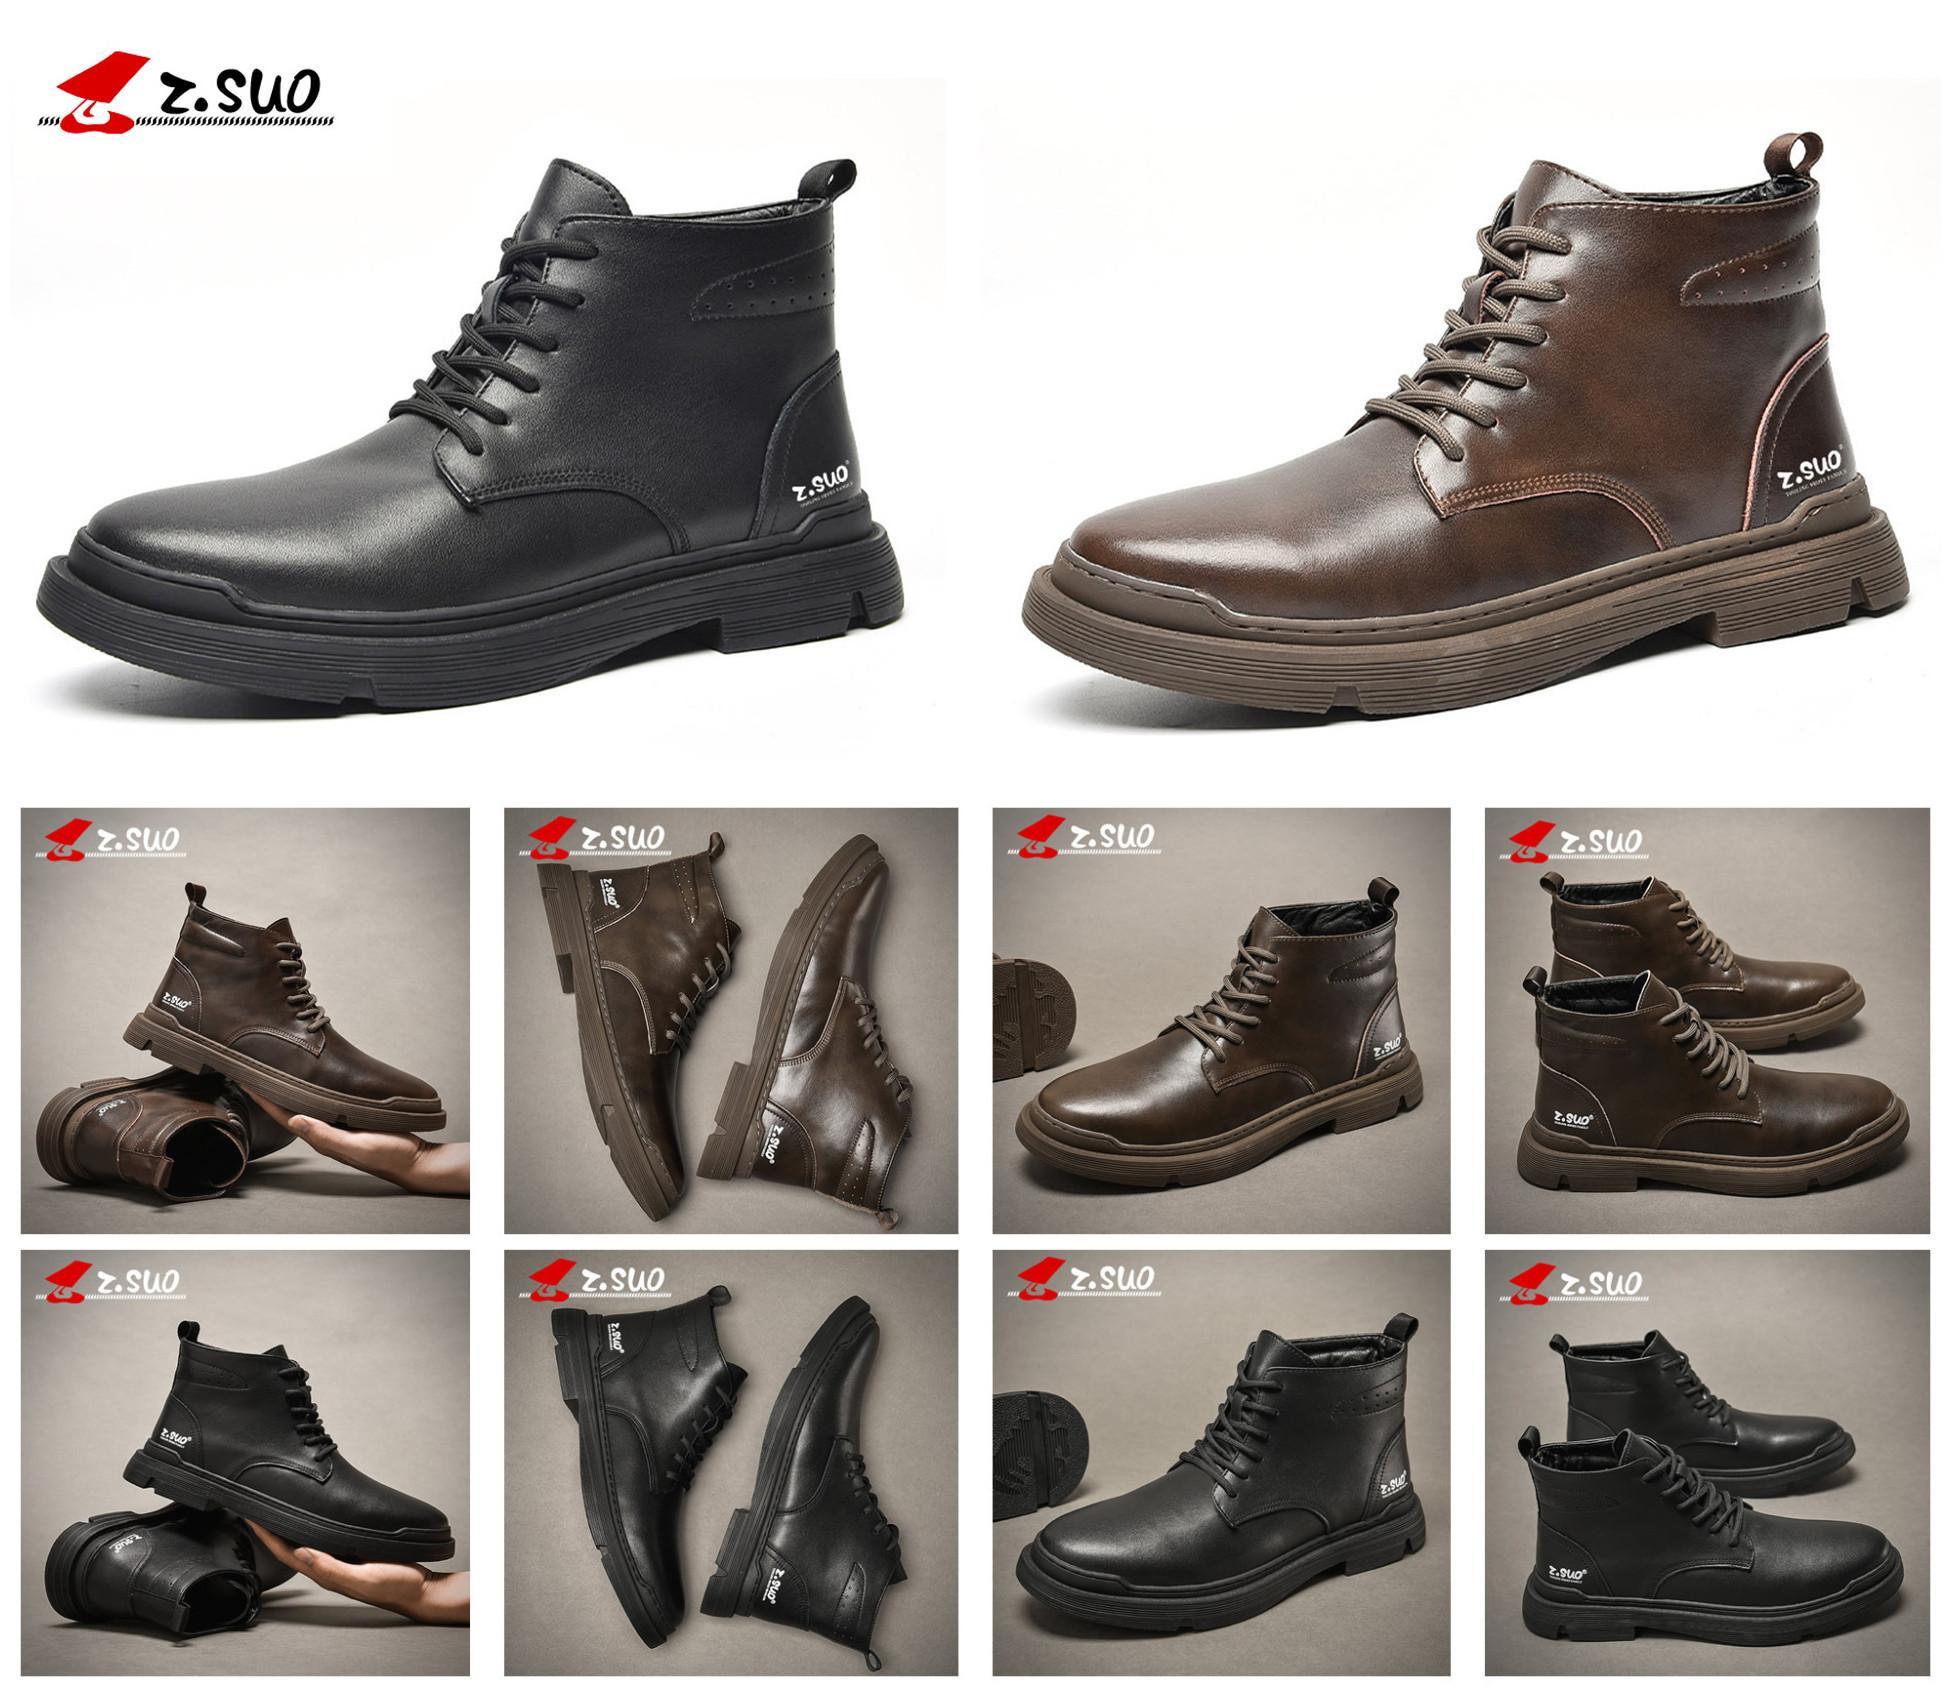 2021 Yeni Z.SUO İnek Deri Erkekler Rahat Ayakkabılar Siyah Kahverengi Renk Yüksek Ayak Bileği Top Qualri Takım Düz Ayakkabı Moda Nefes El Yapımı Erkekler